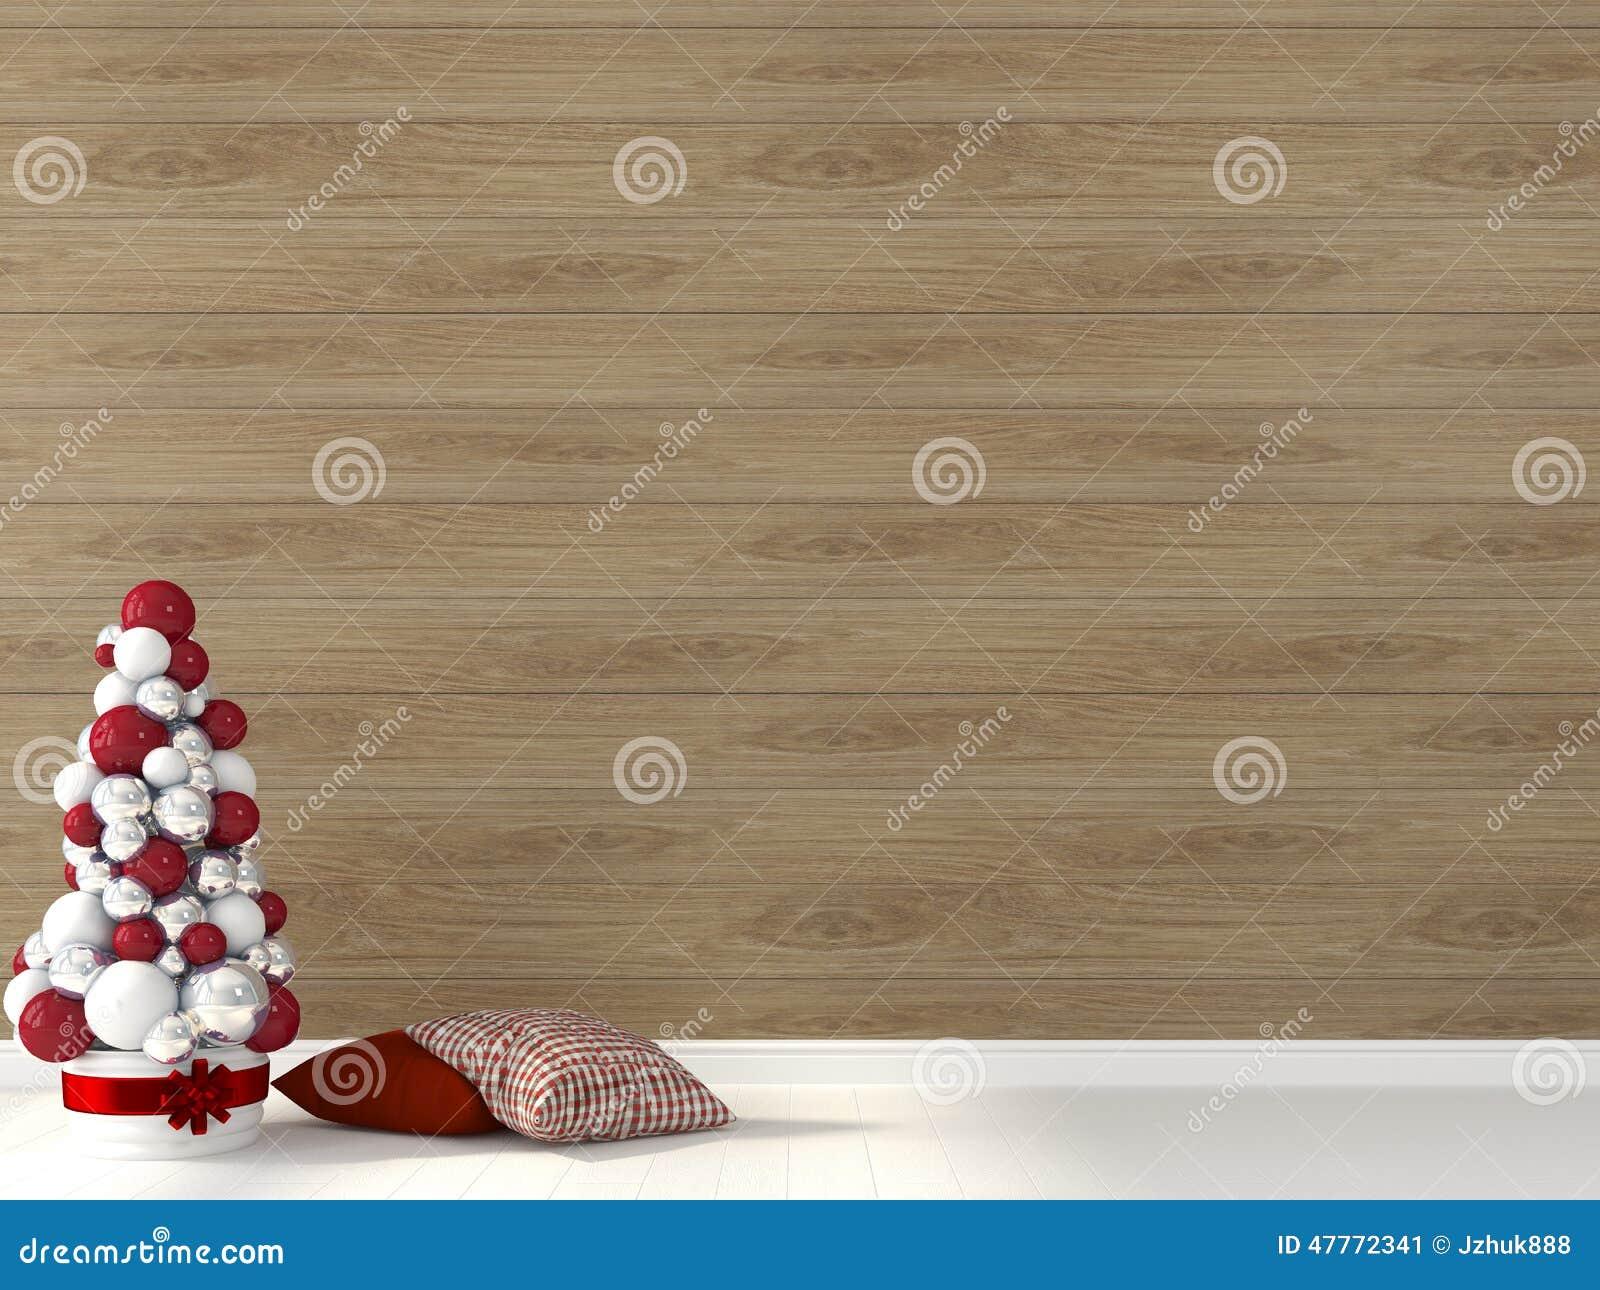 Alberi Di Natale In Legno Da Parete : Albero di natale stilizzato contro lo sfondo della parete di legno